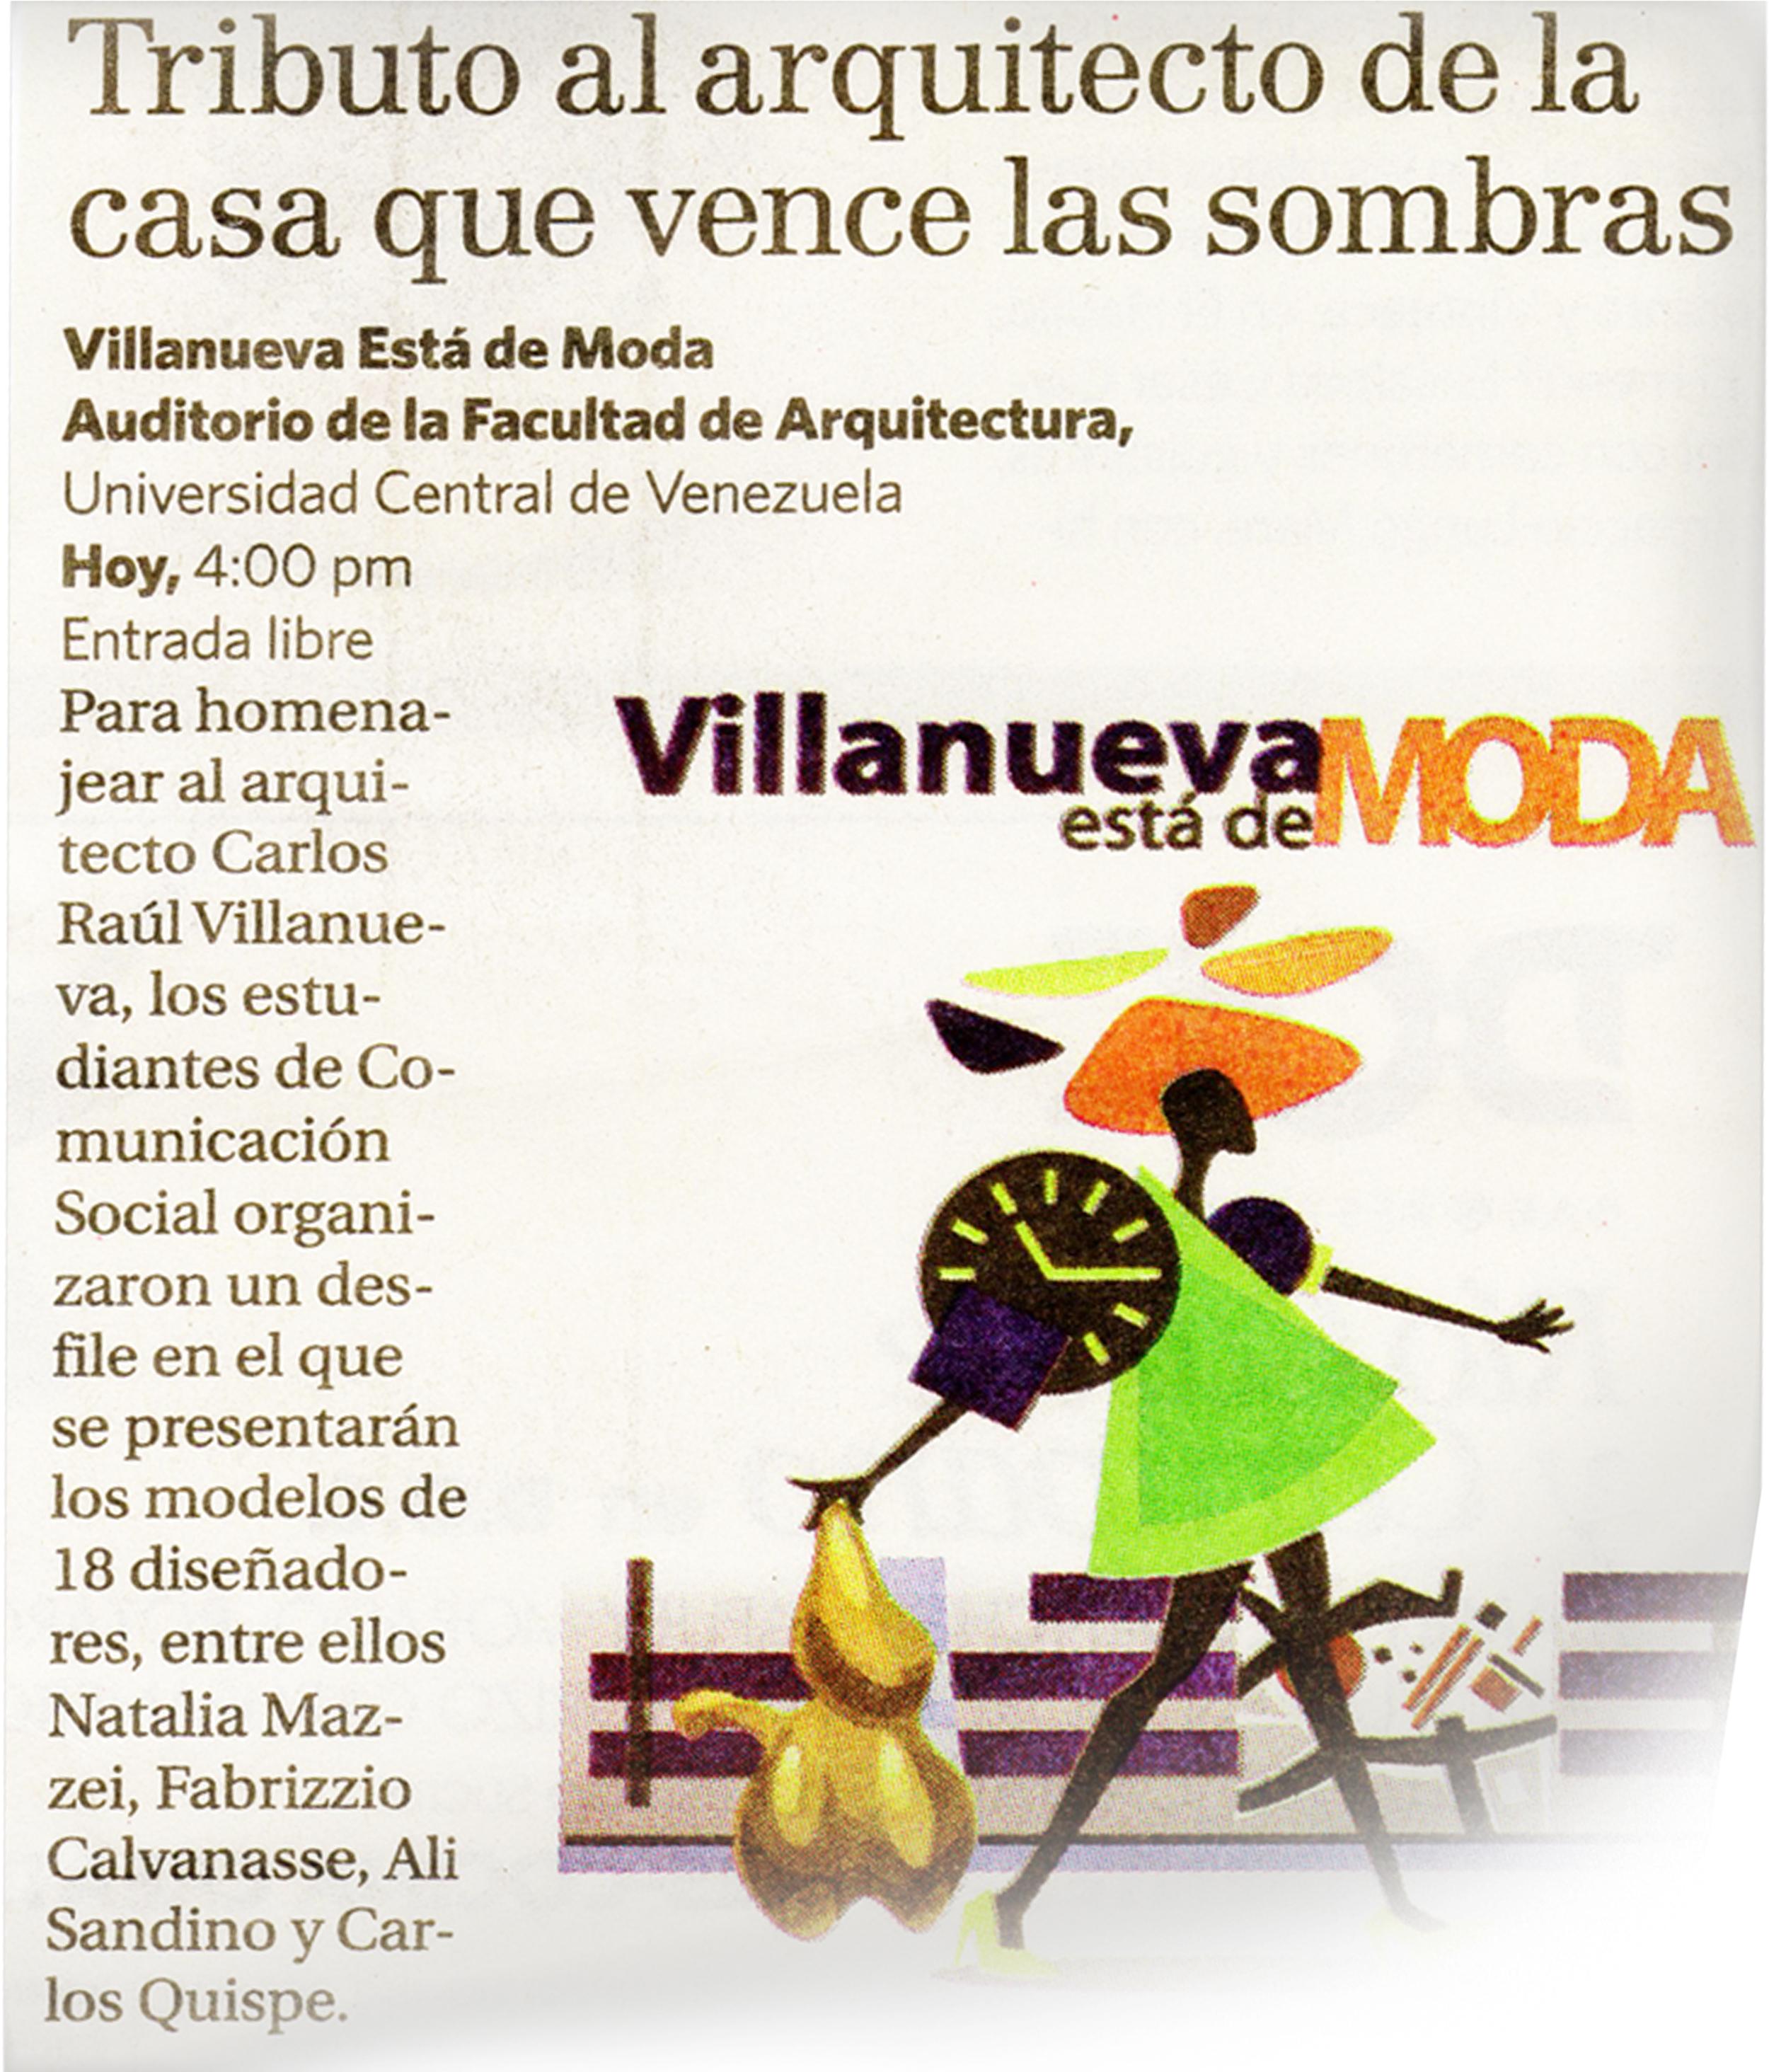 Diario ÚLTIMAS NOTICIAS - Marzo 2012